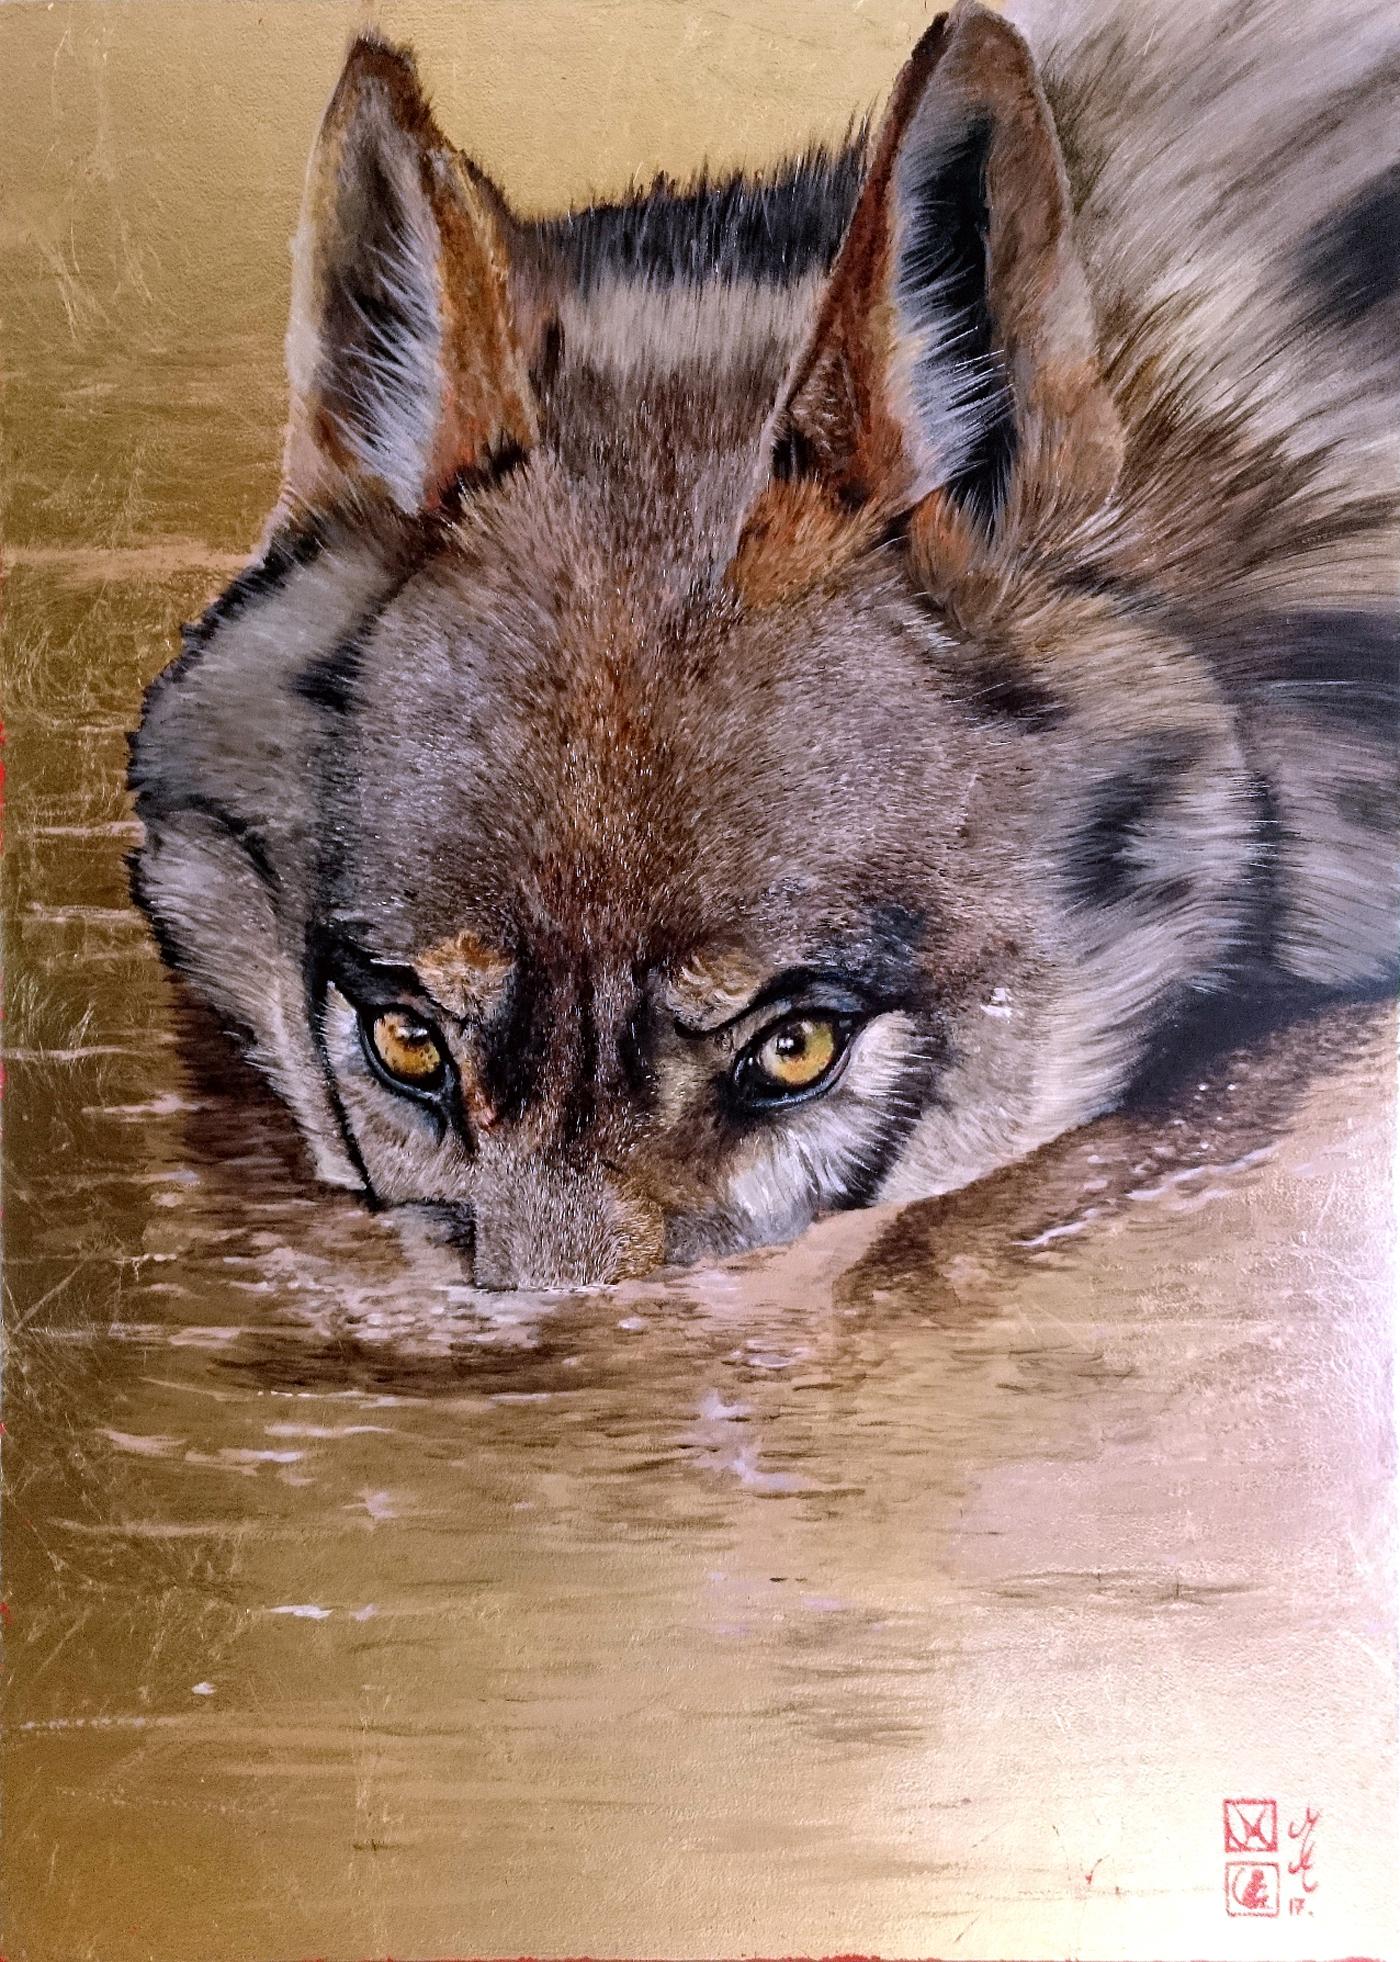 Loup entrant dans l'eau